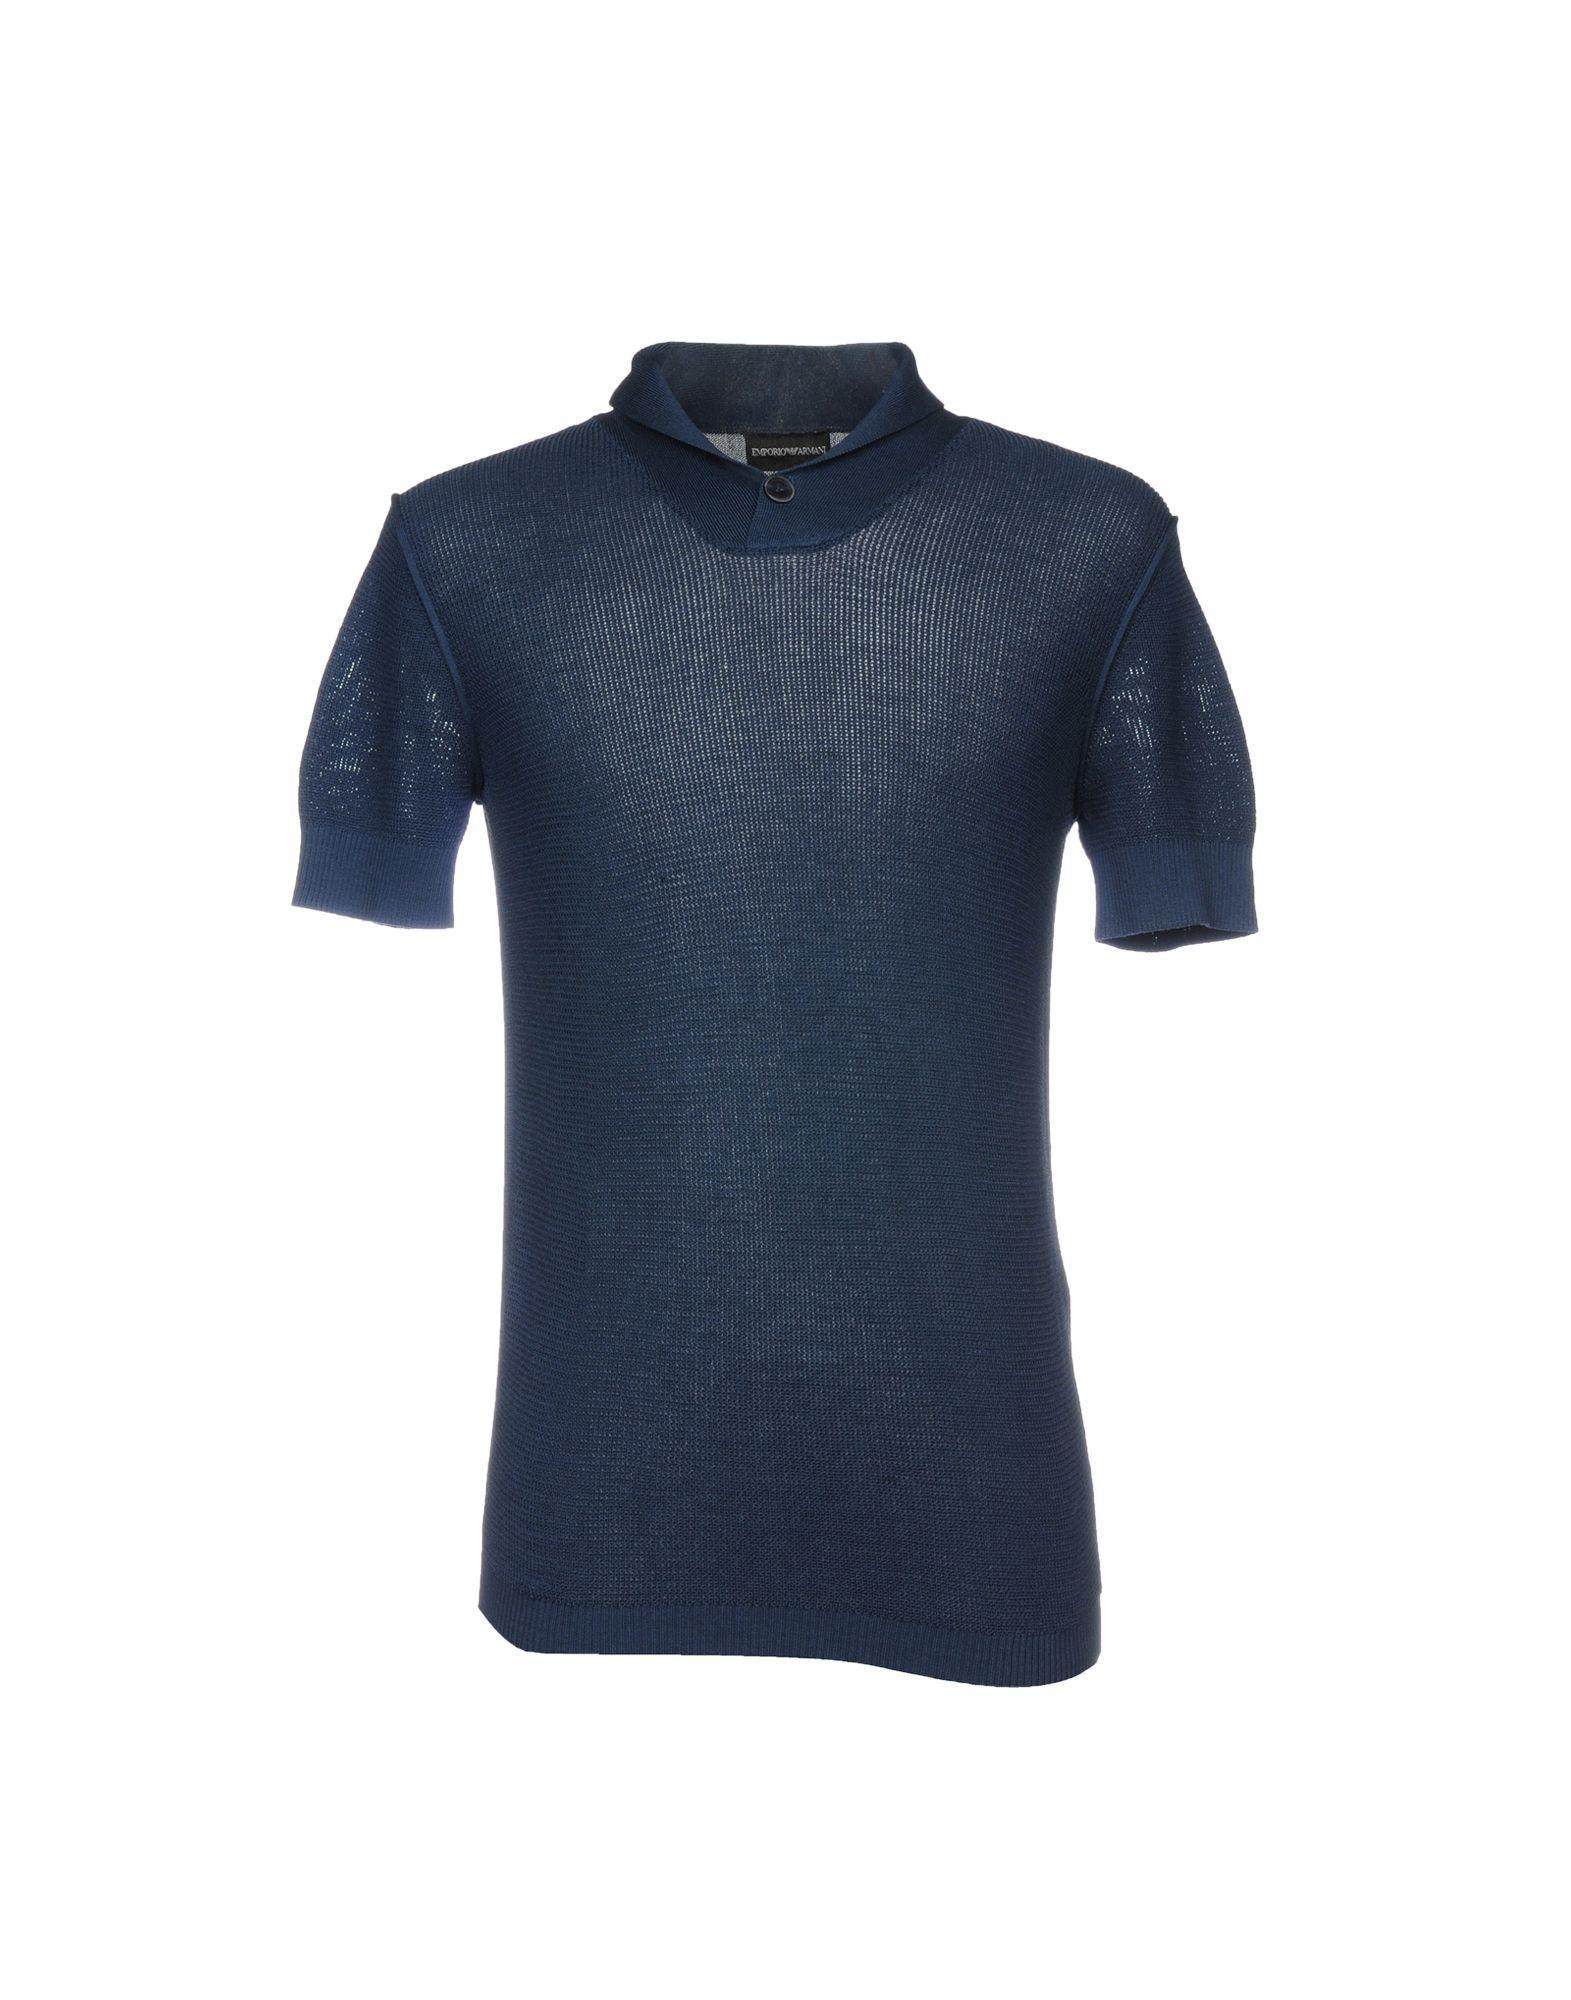 Emporio Armani Sweater In Slate Blue